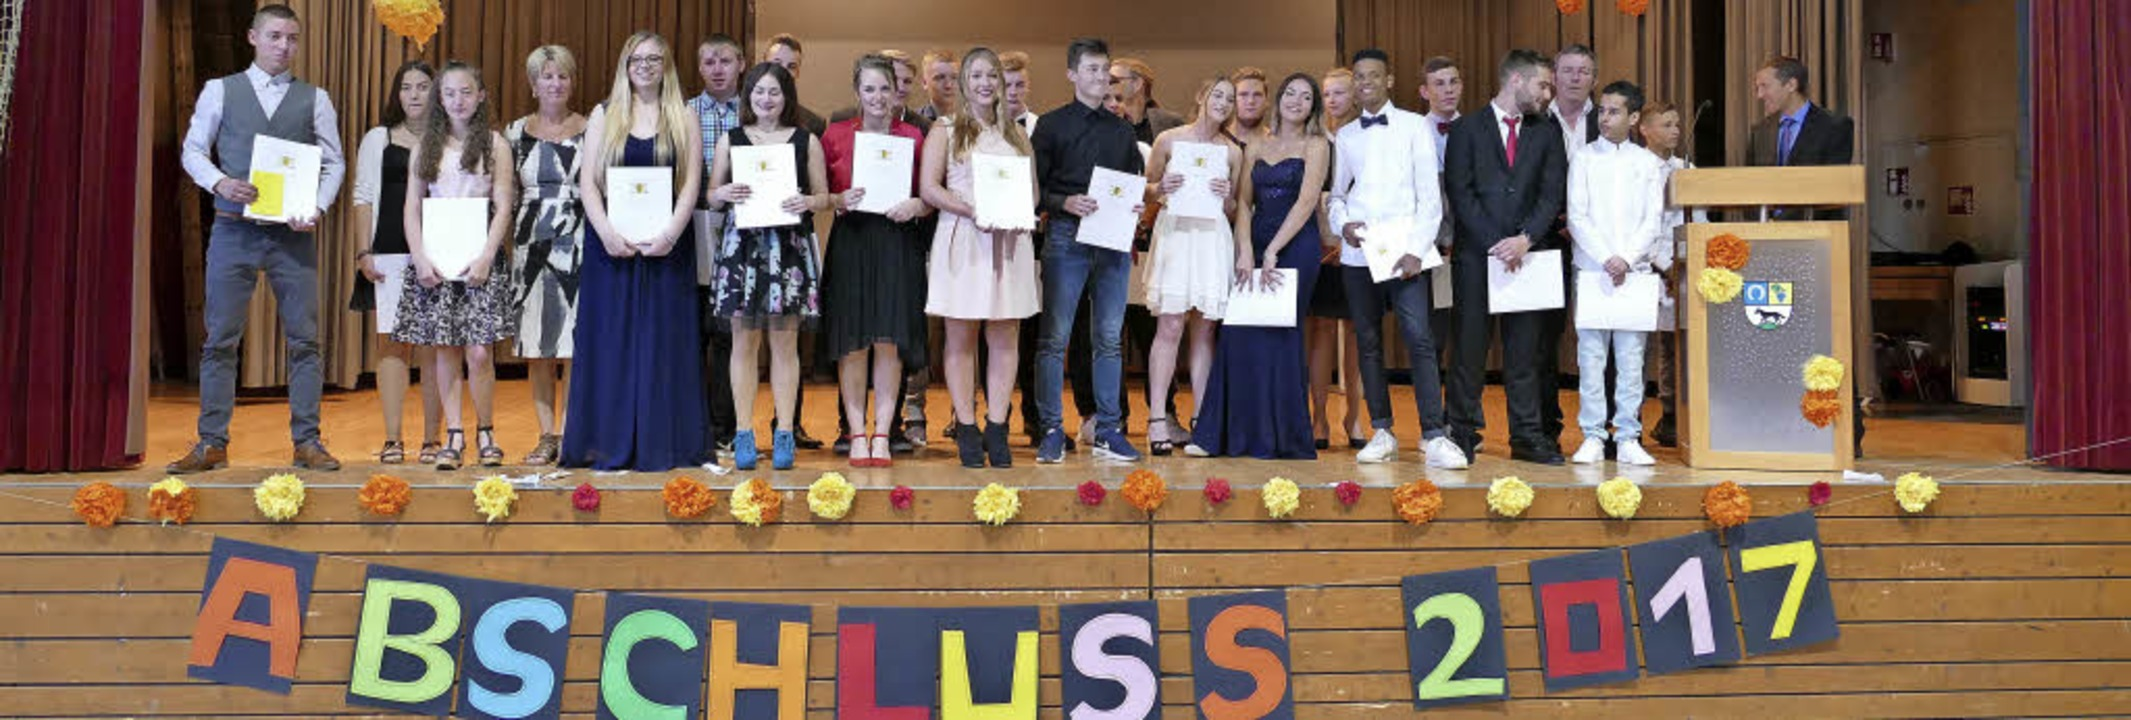 Abschied von der Jengerschule nahmen d...Bild) und die beiden neunten Klassen.   | Foto: Antonia Hufnagel